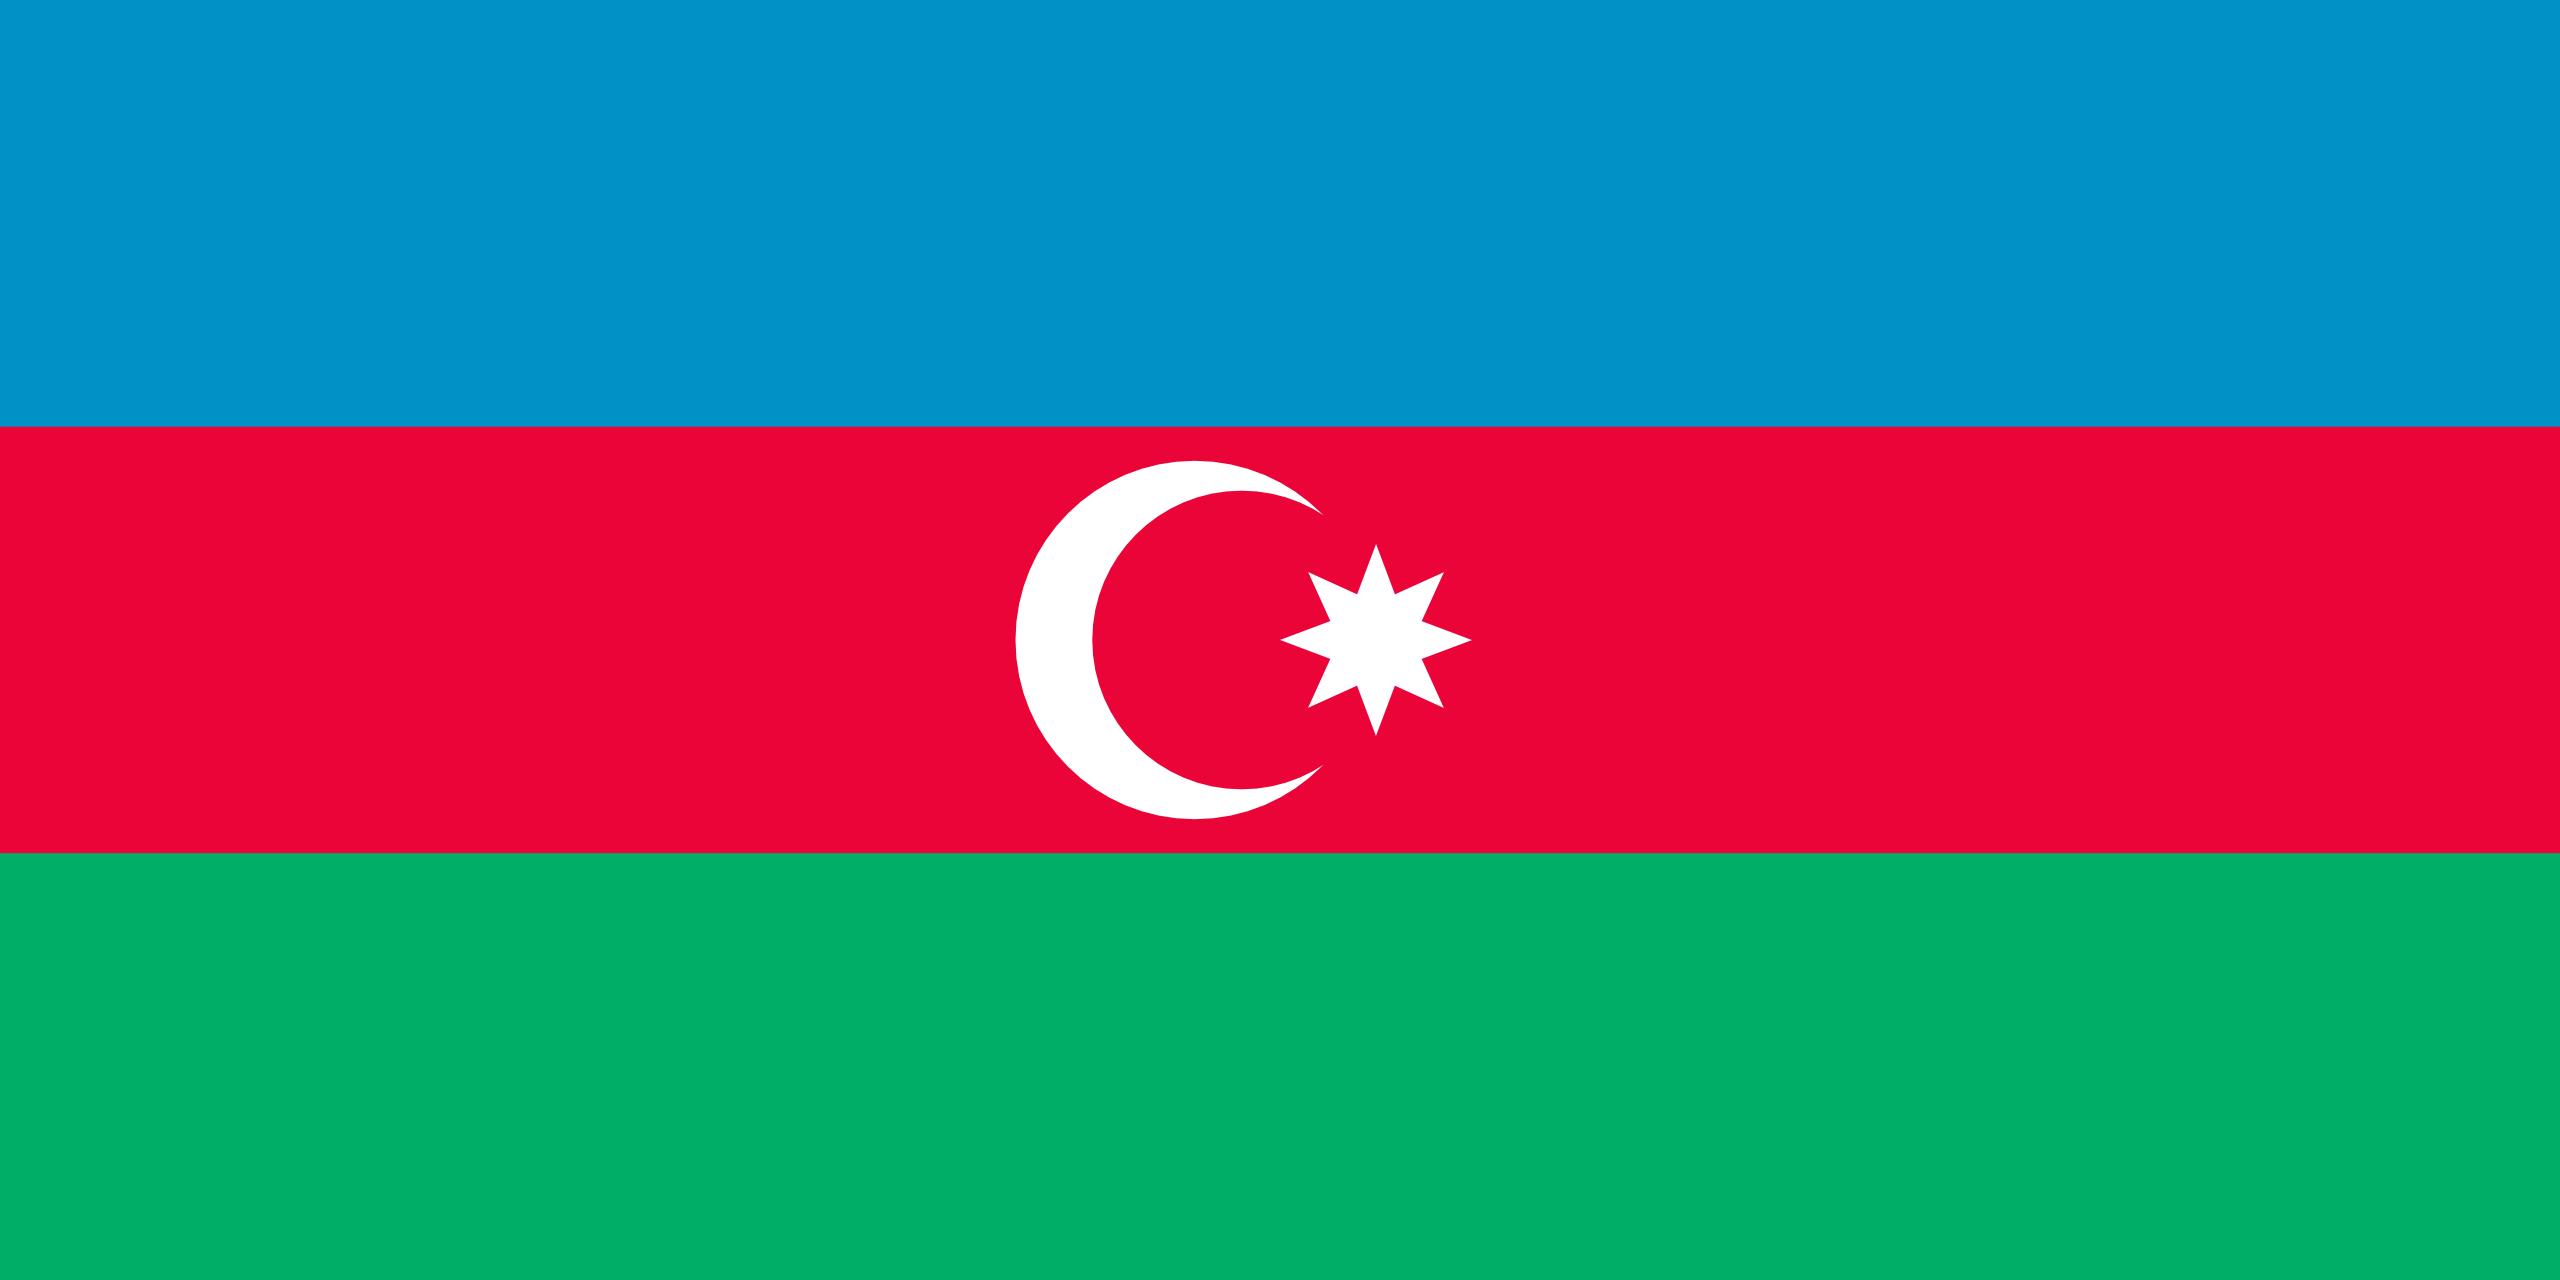 azerbaycan-bayrağı